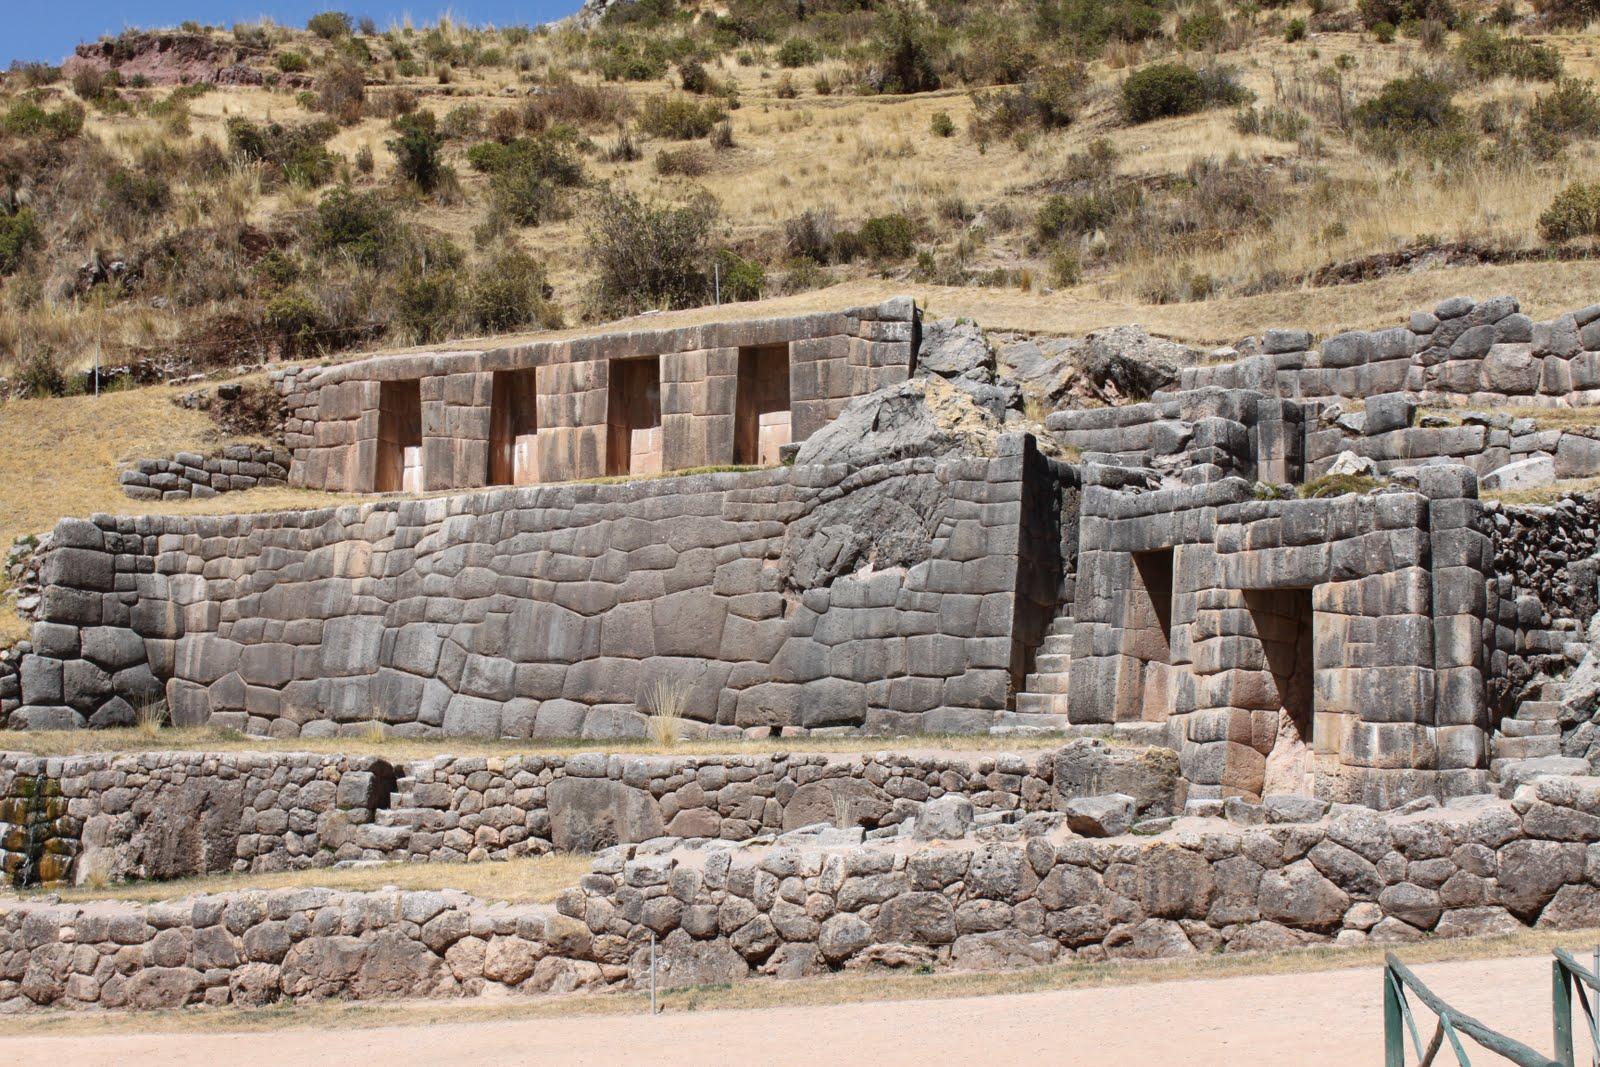 Tambo que podremos ver, al recorrer el camino Inca